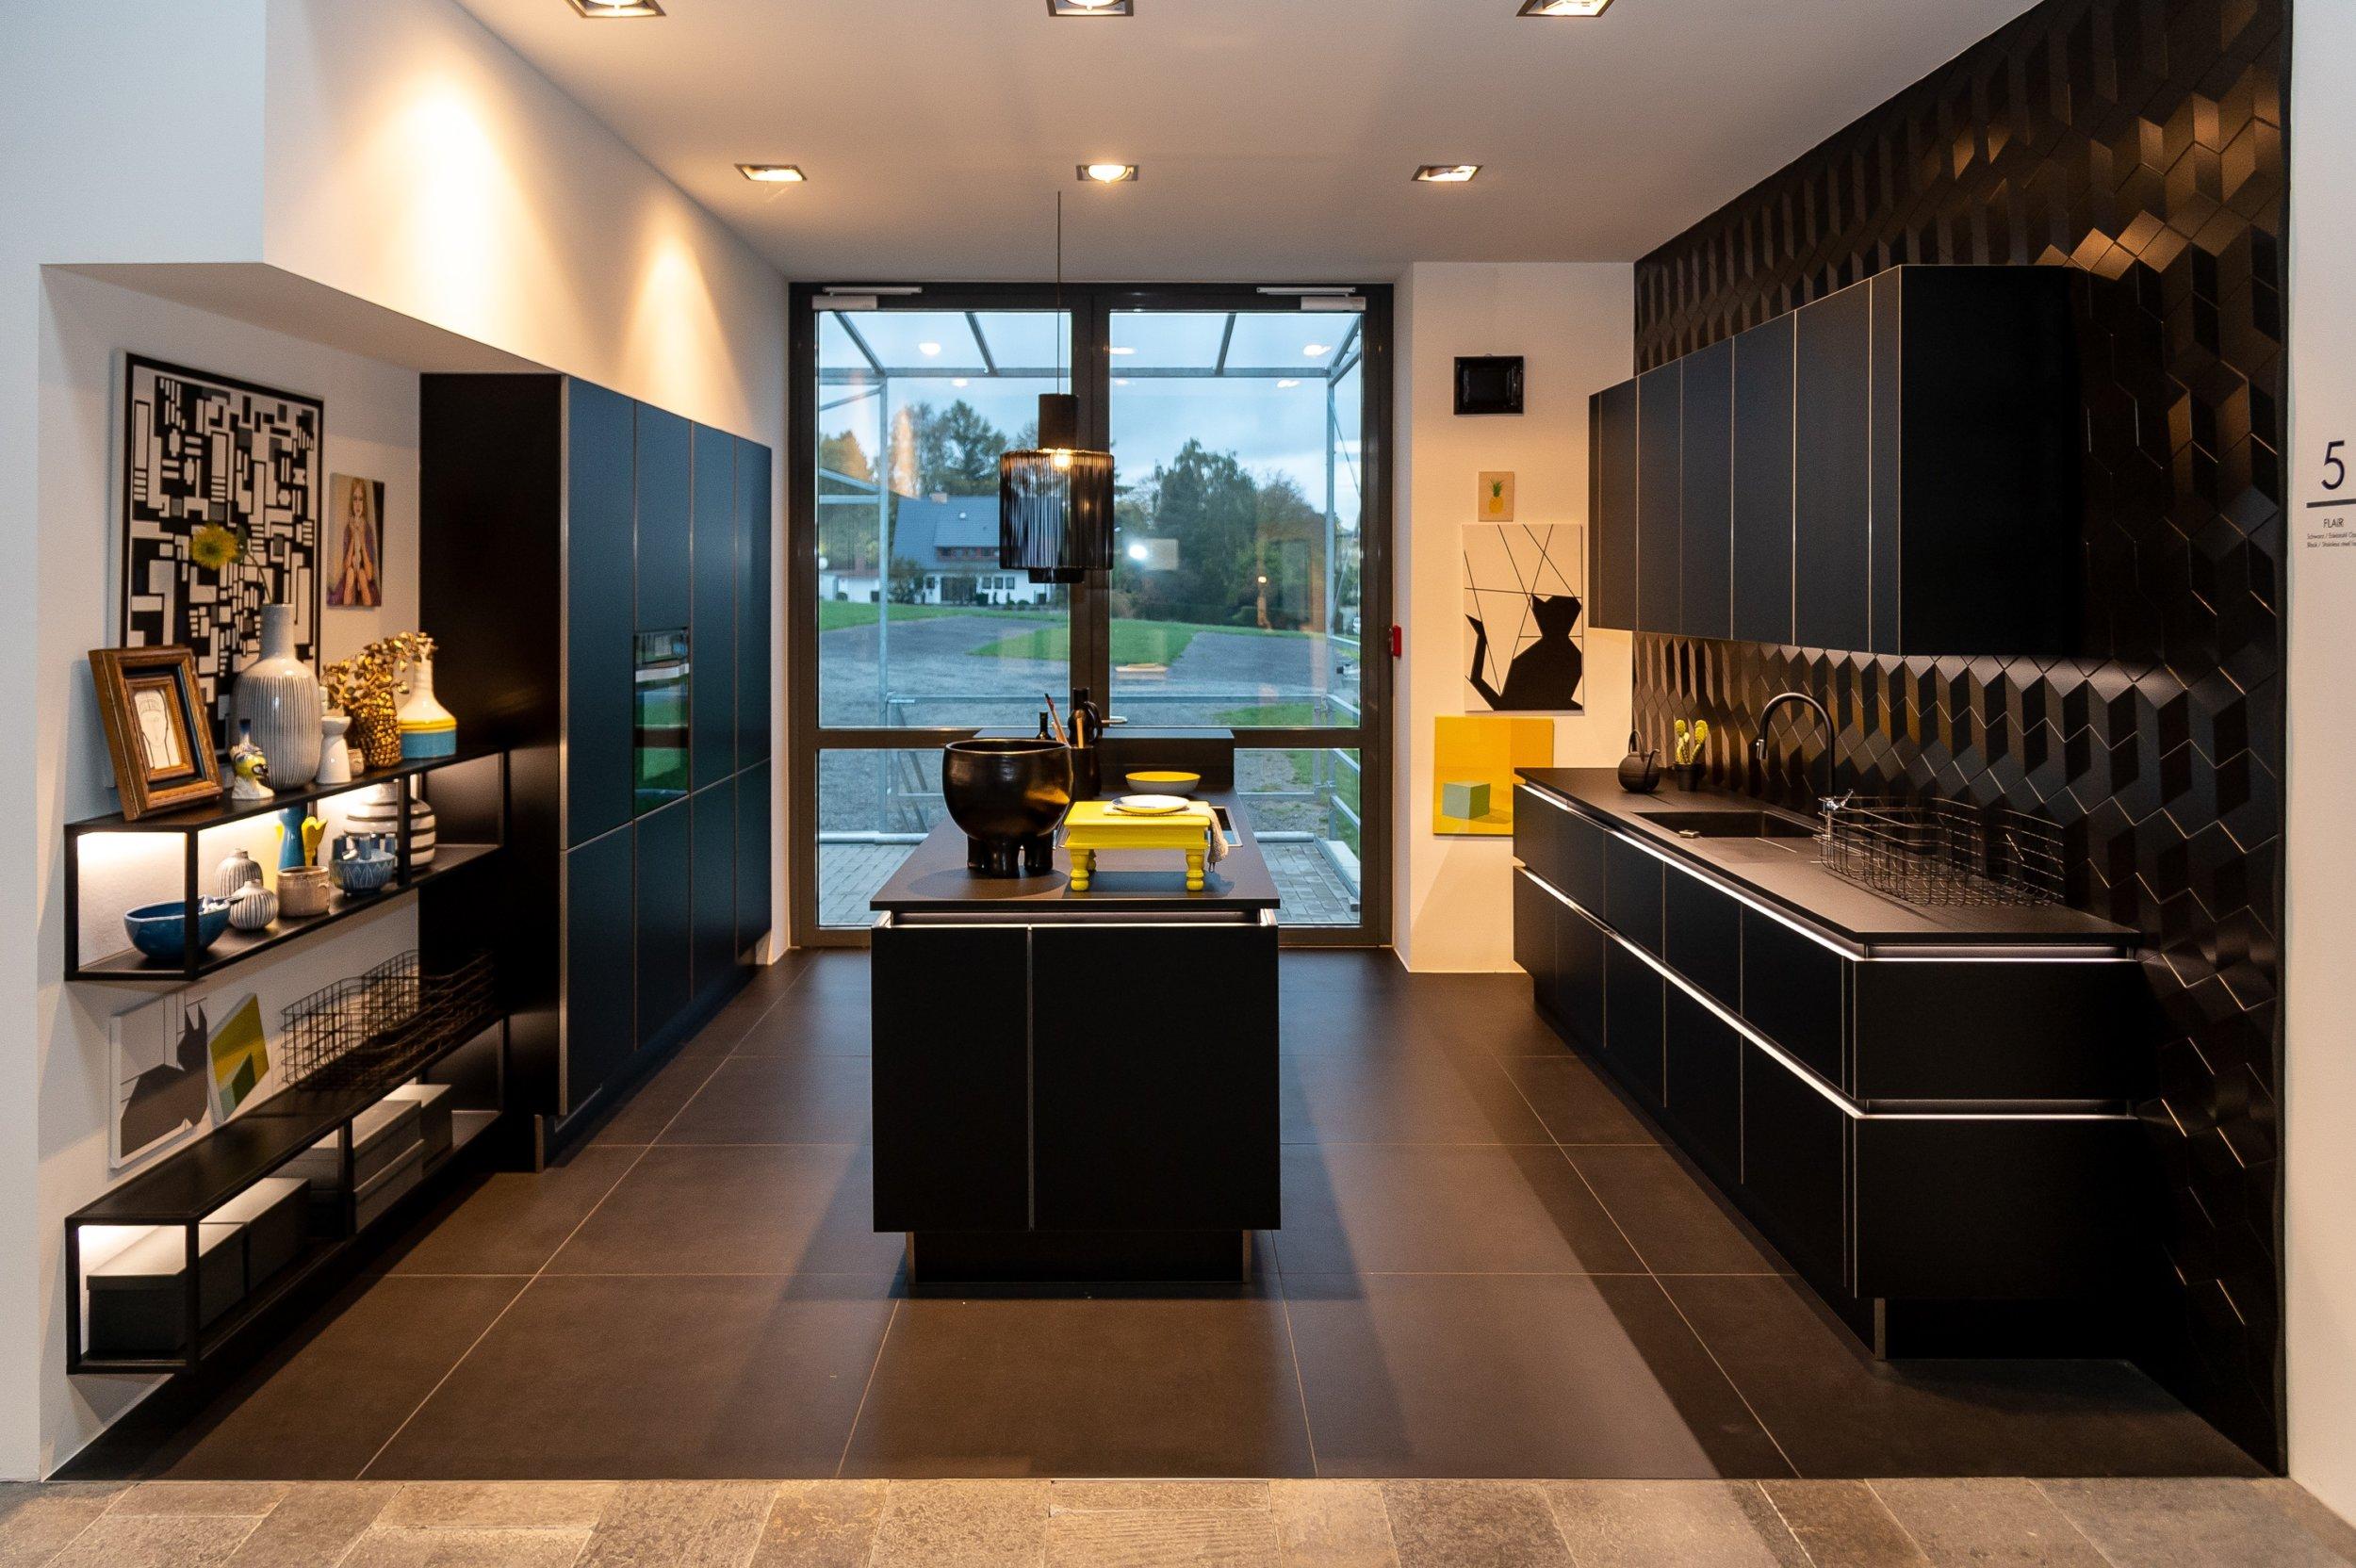 Full Size of Edelstahl Küchen Outdoor Küche Edelstahlküche Gebraucht Garten Regal Wohnzimmer Edelstahl Küchen